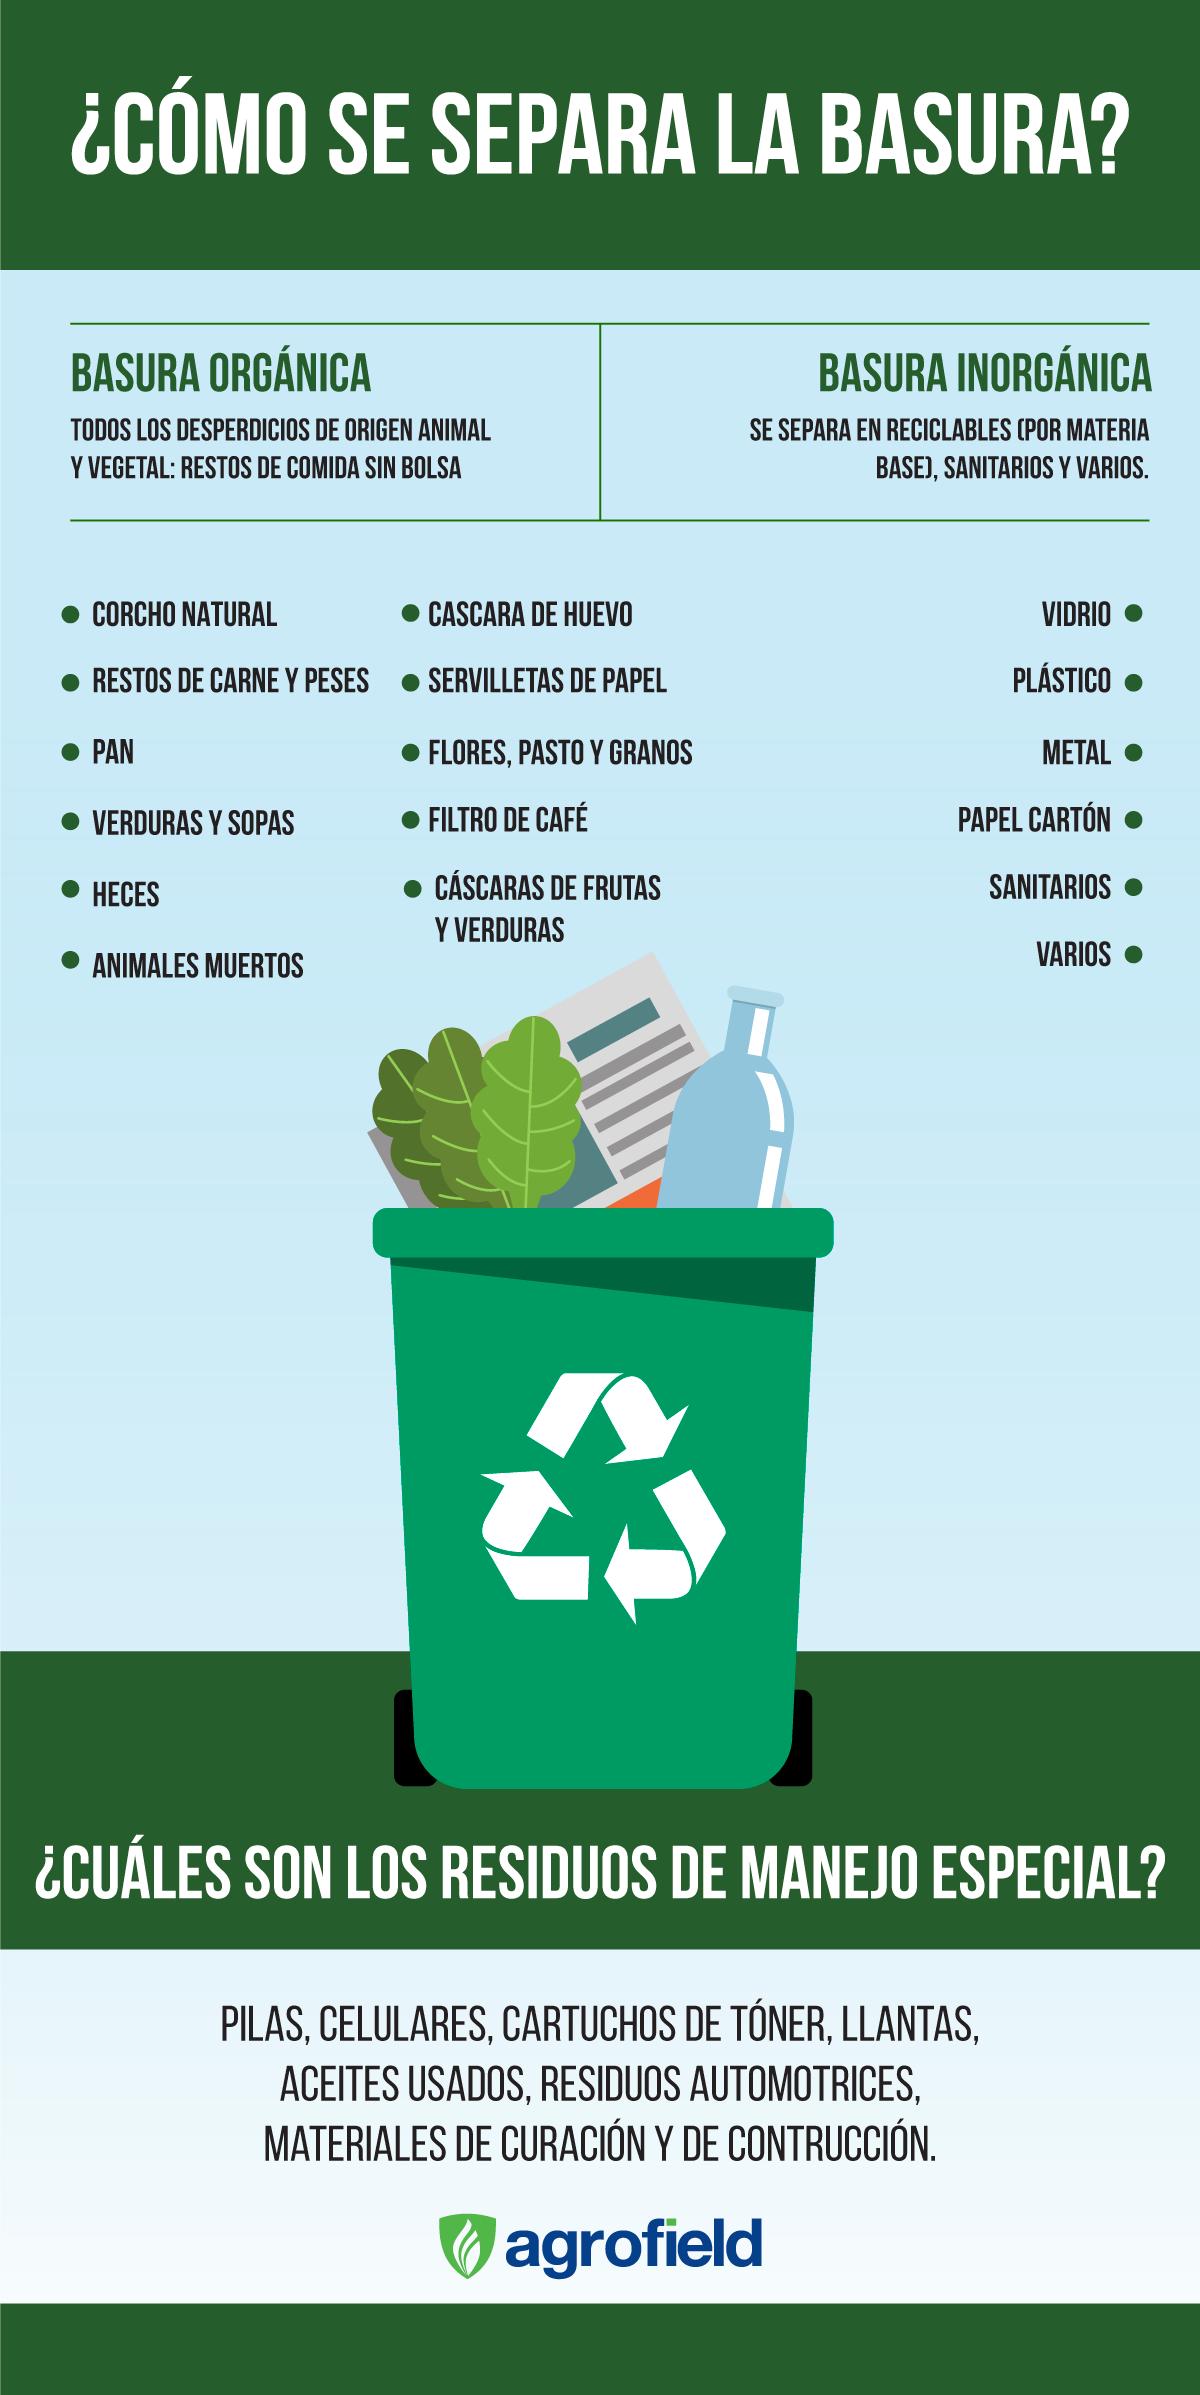 Ad De Los Residuos Organicos E Inorganicos Solo Produciriamos El 17 De La Basura Que Actualmente Producimo Basura Inorganica Basura Organica Reciclaje Basura